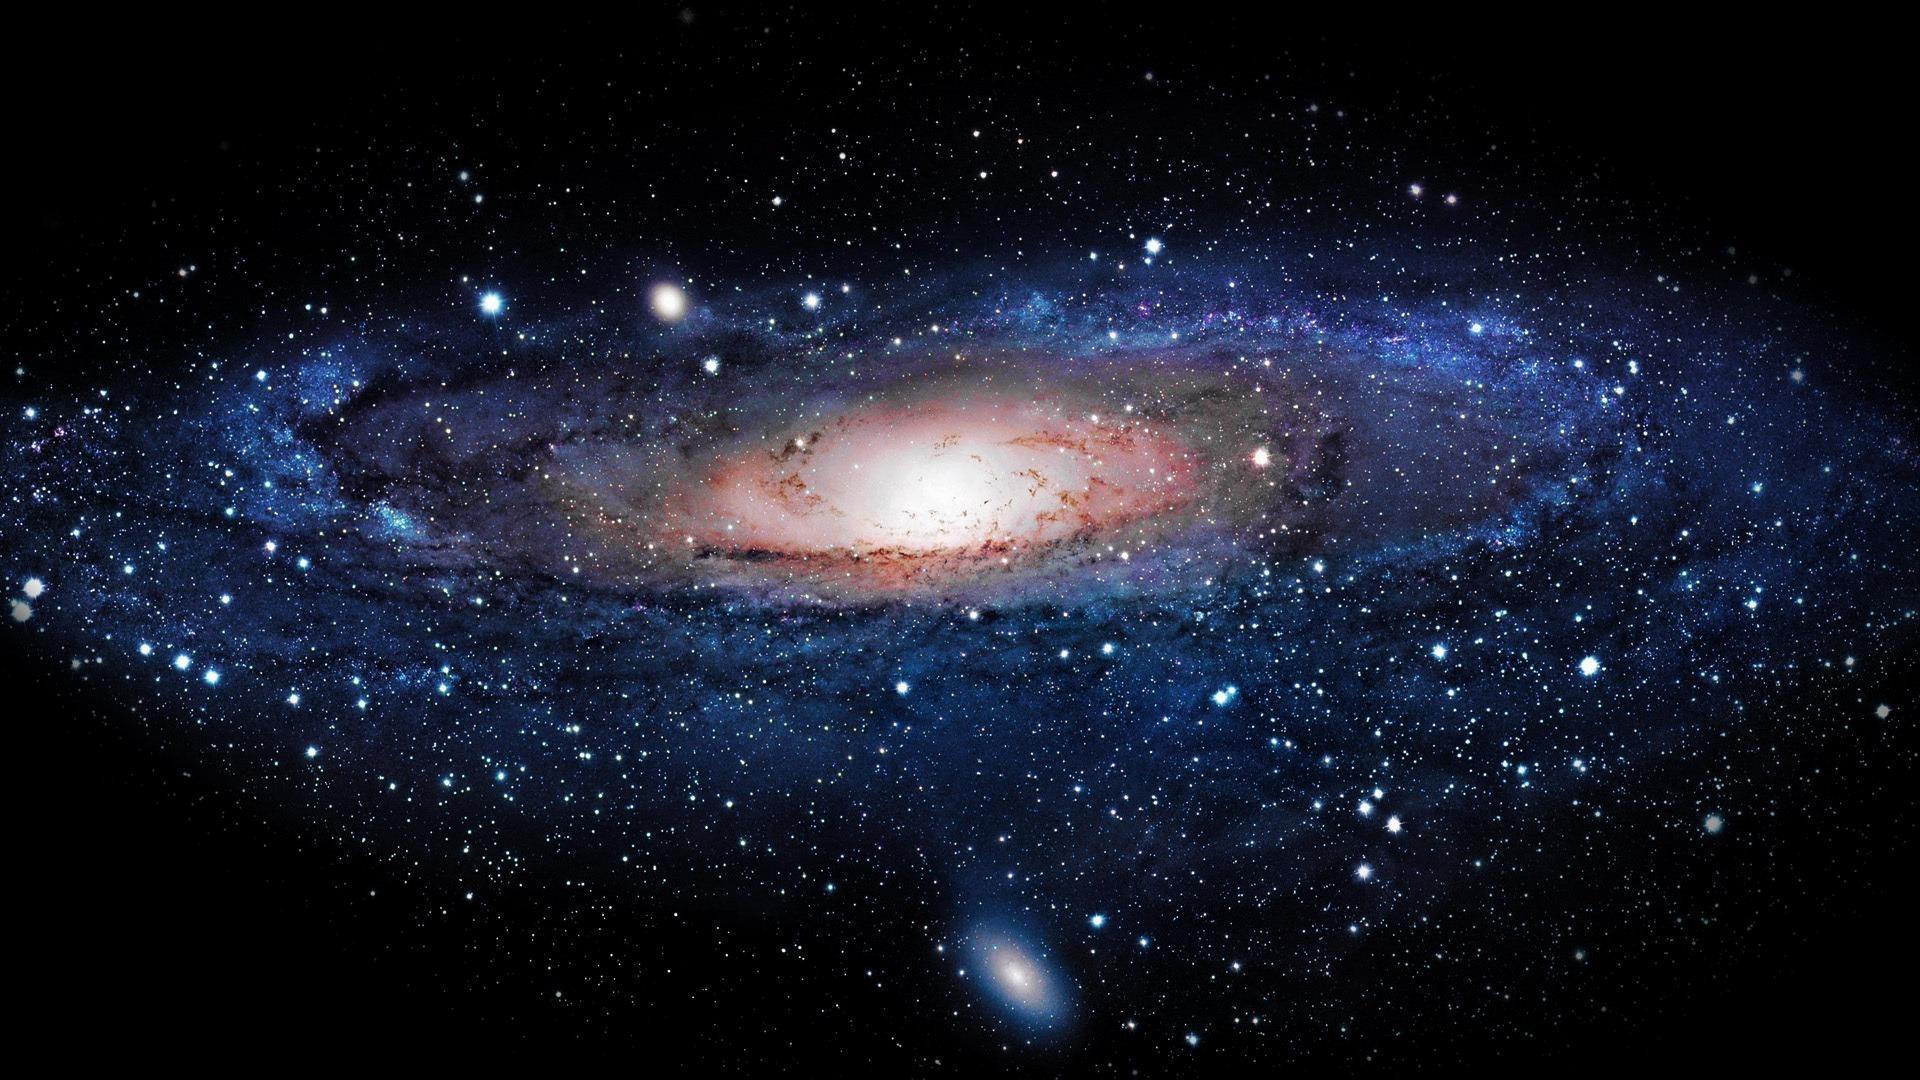 wallpaper.wiki-Earth-From-Space-Wallpapers-HD-Desktop-